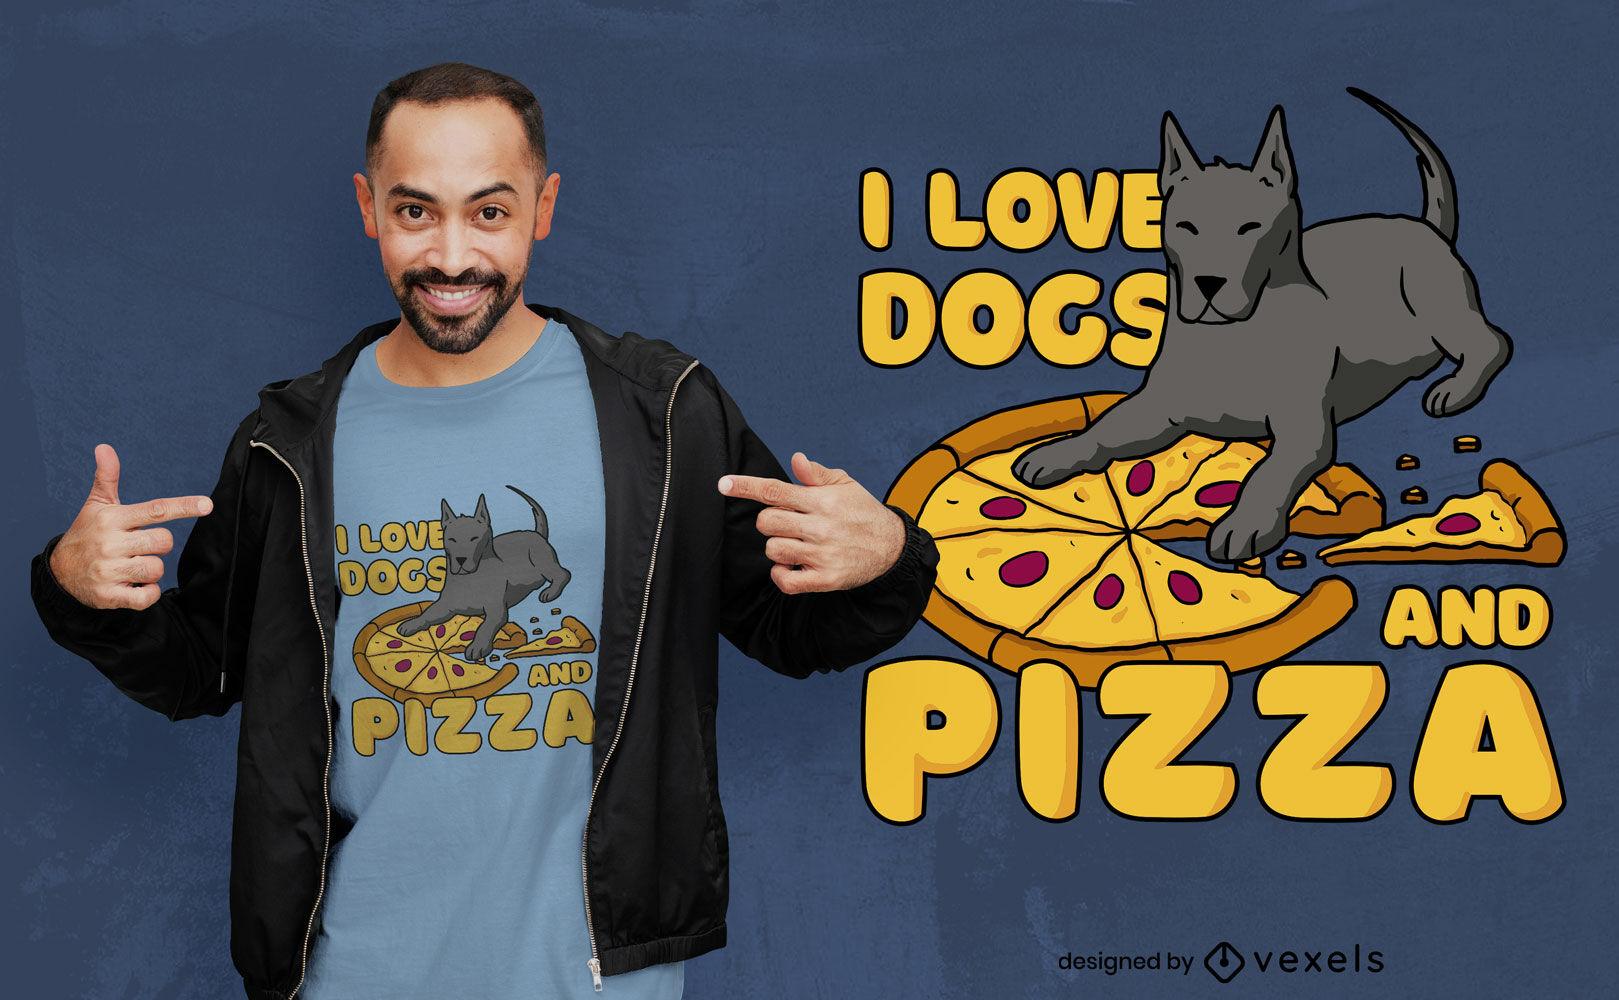 Dise?o de camiseta de perros y pizza de amor